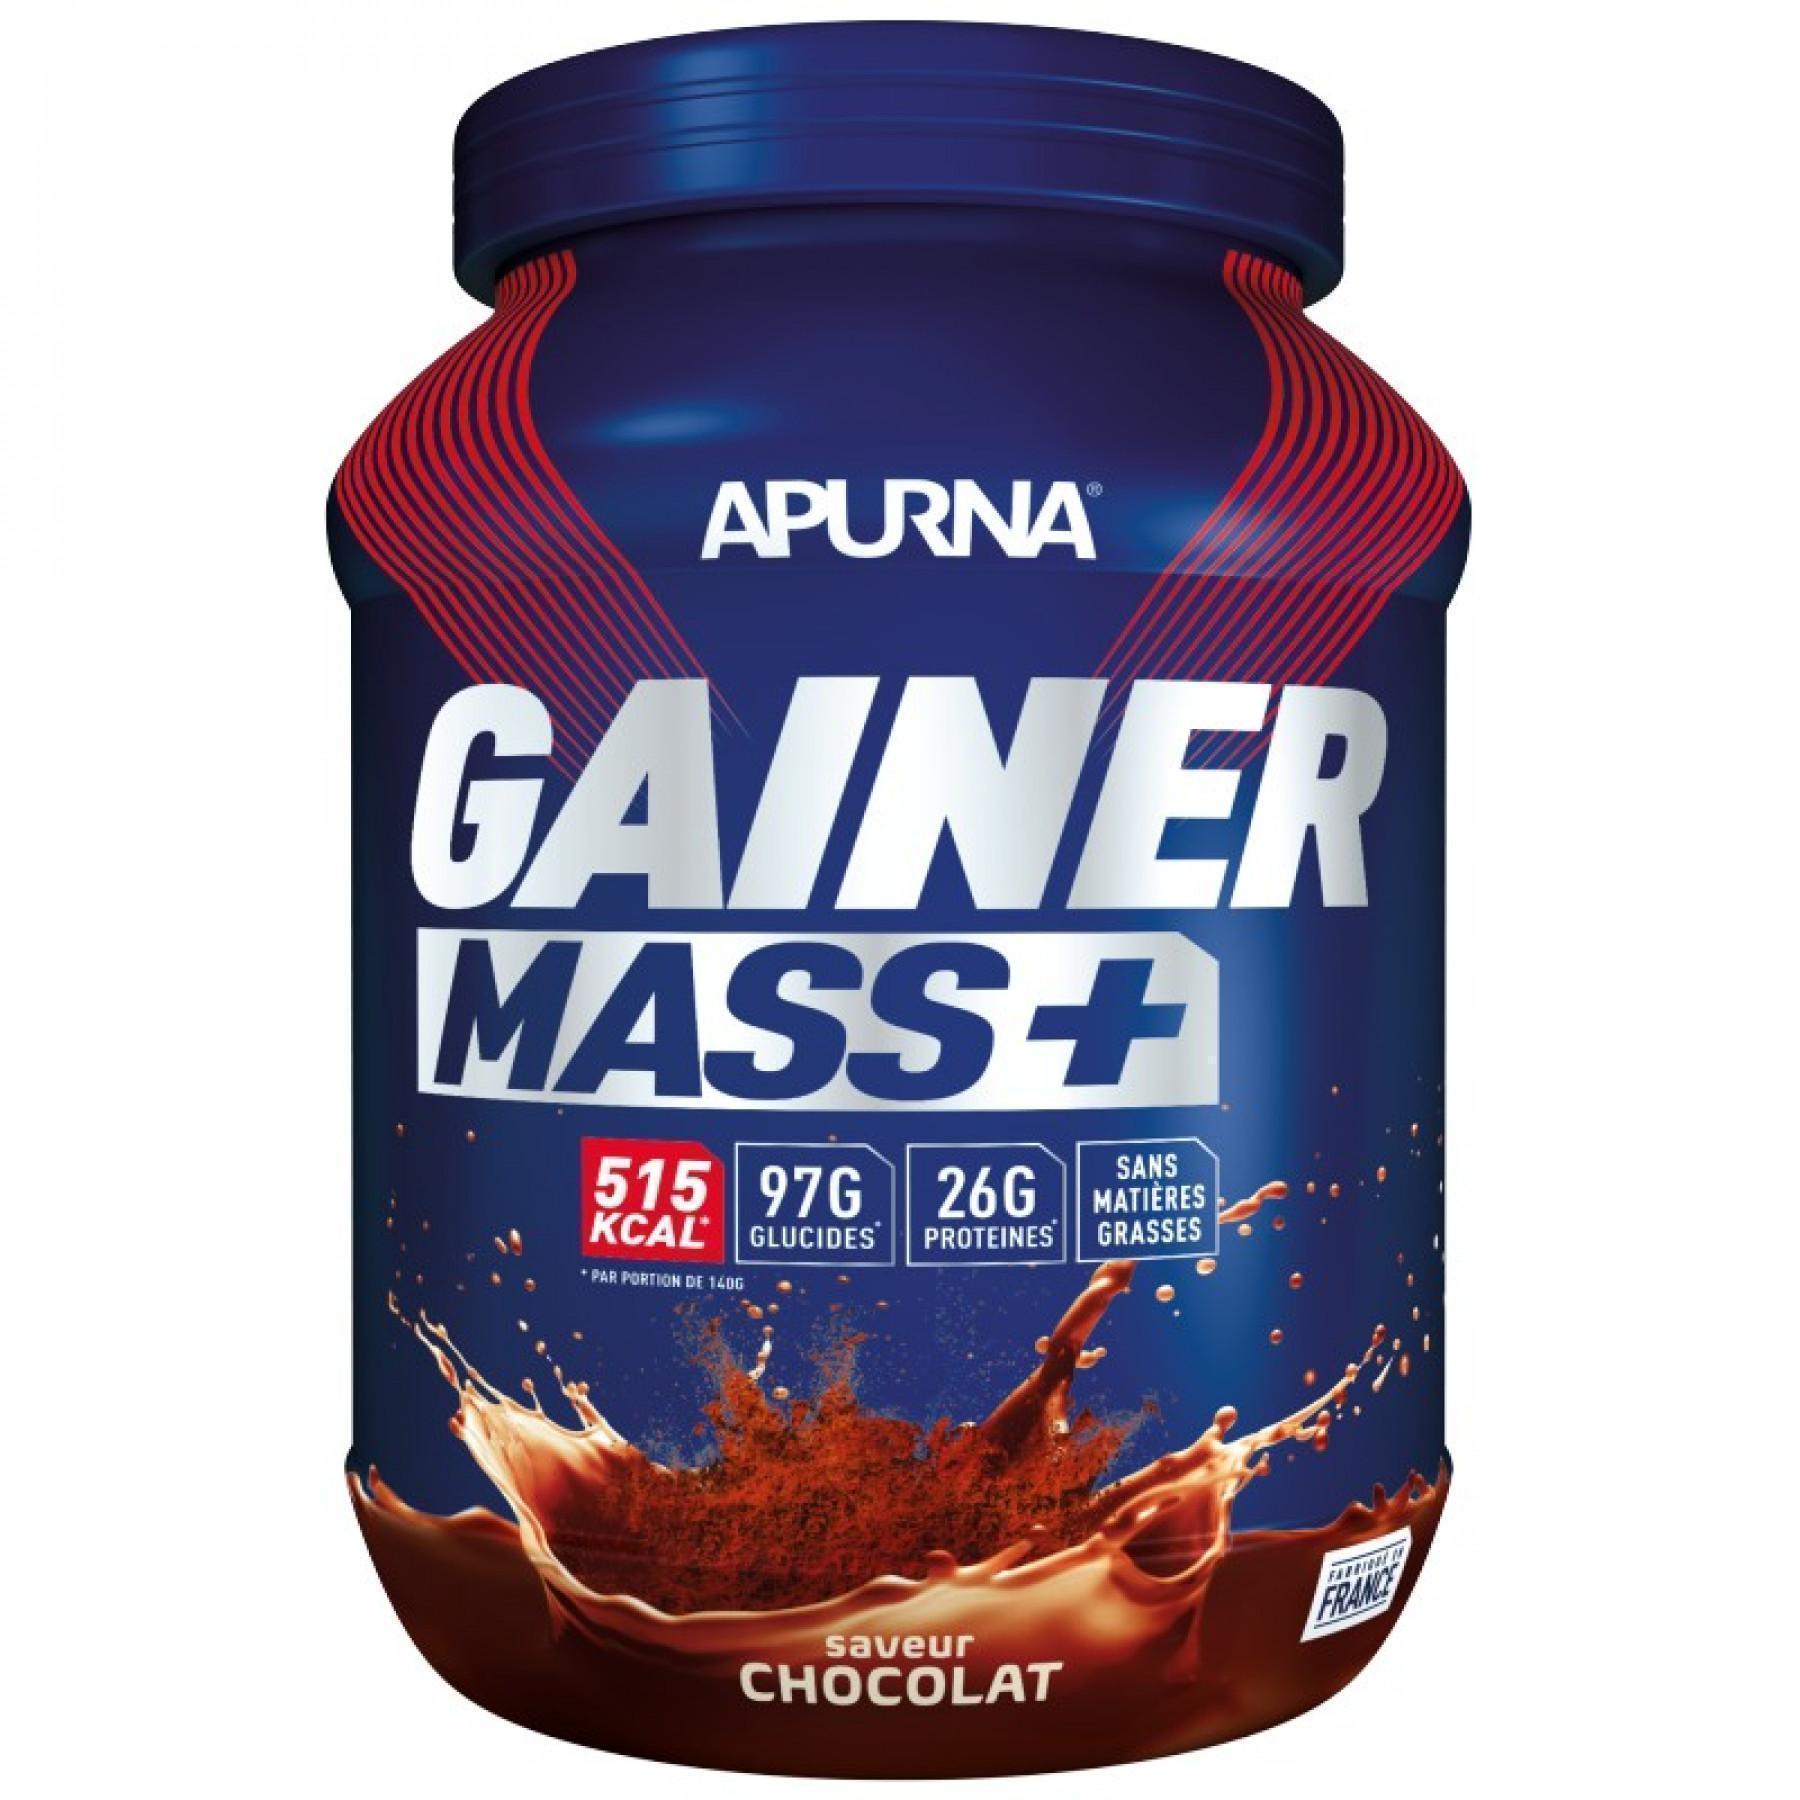 Topf Apurna Gainer Mass Plus - Chocolat - 1.1 Kg